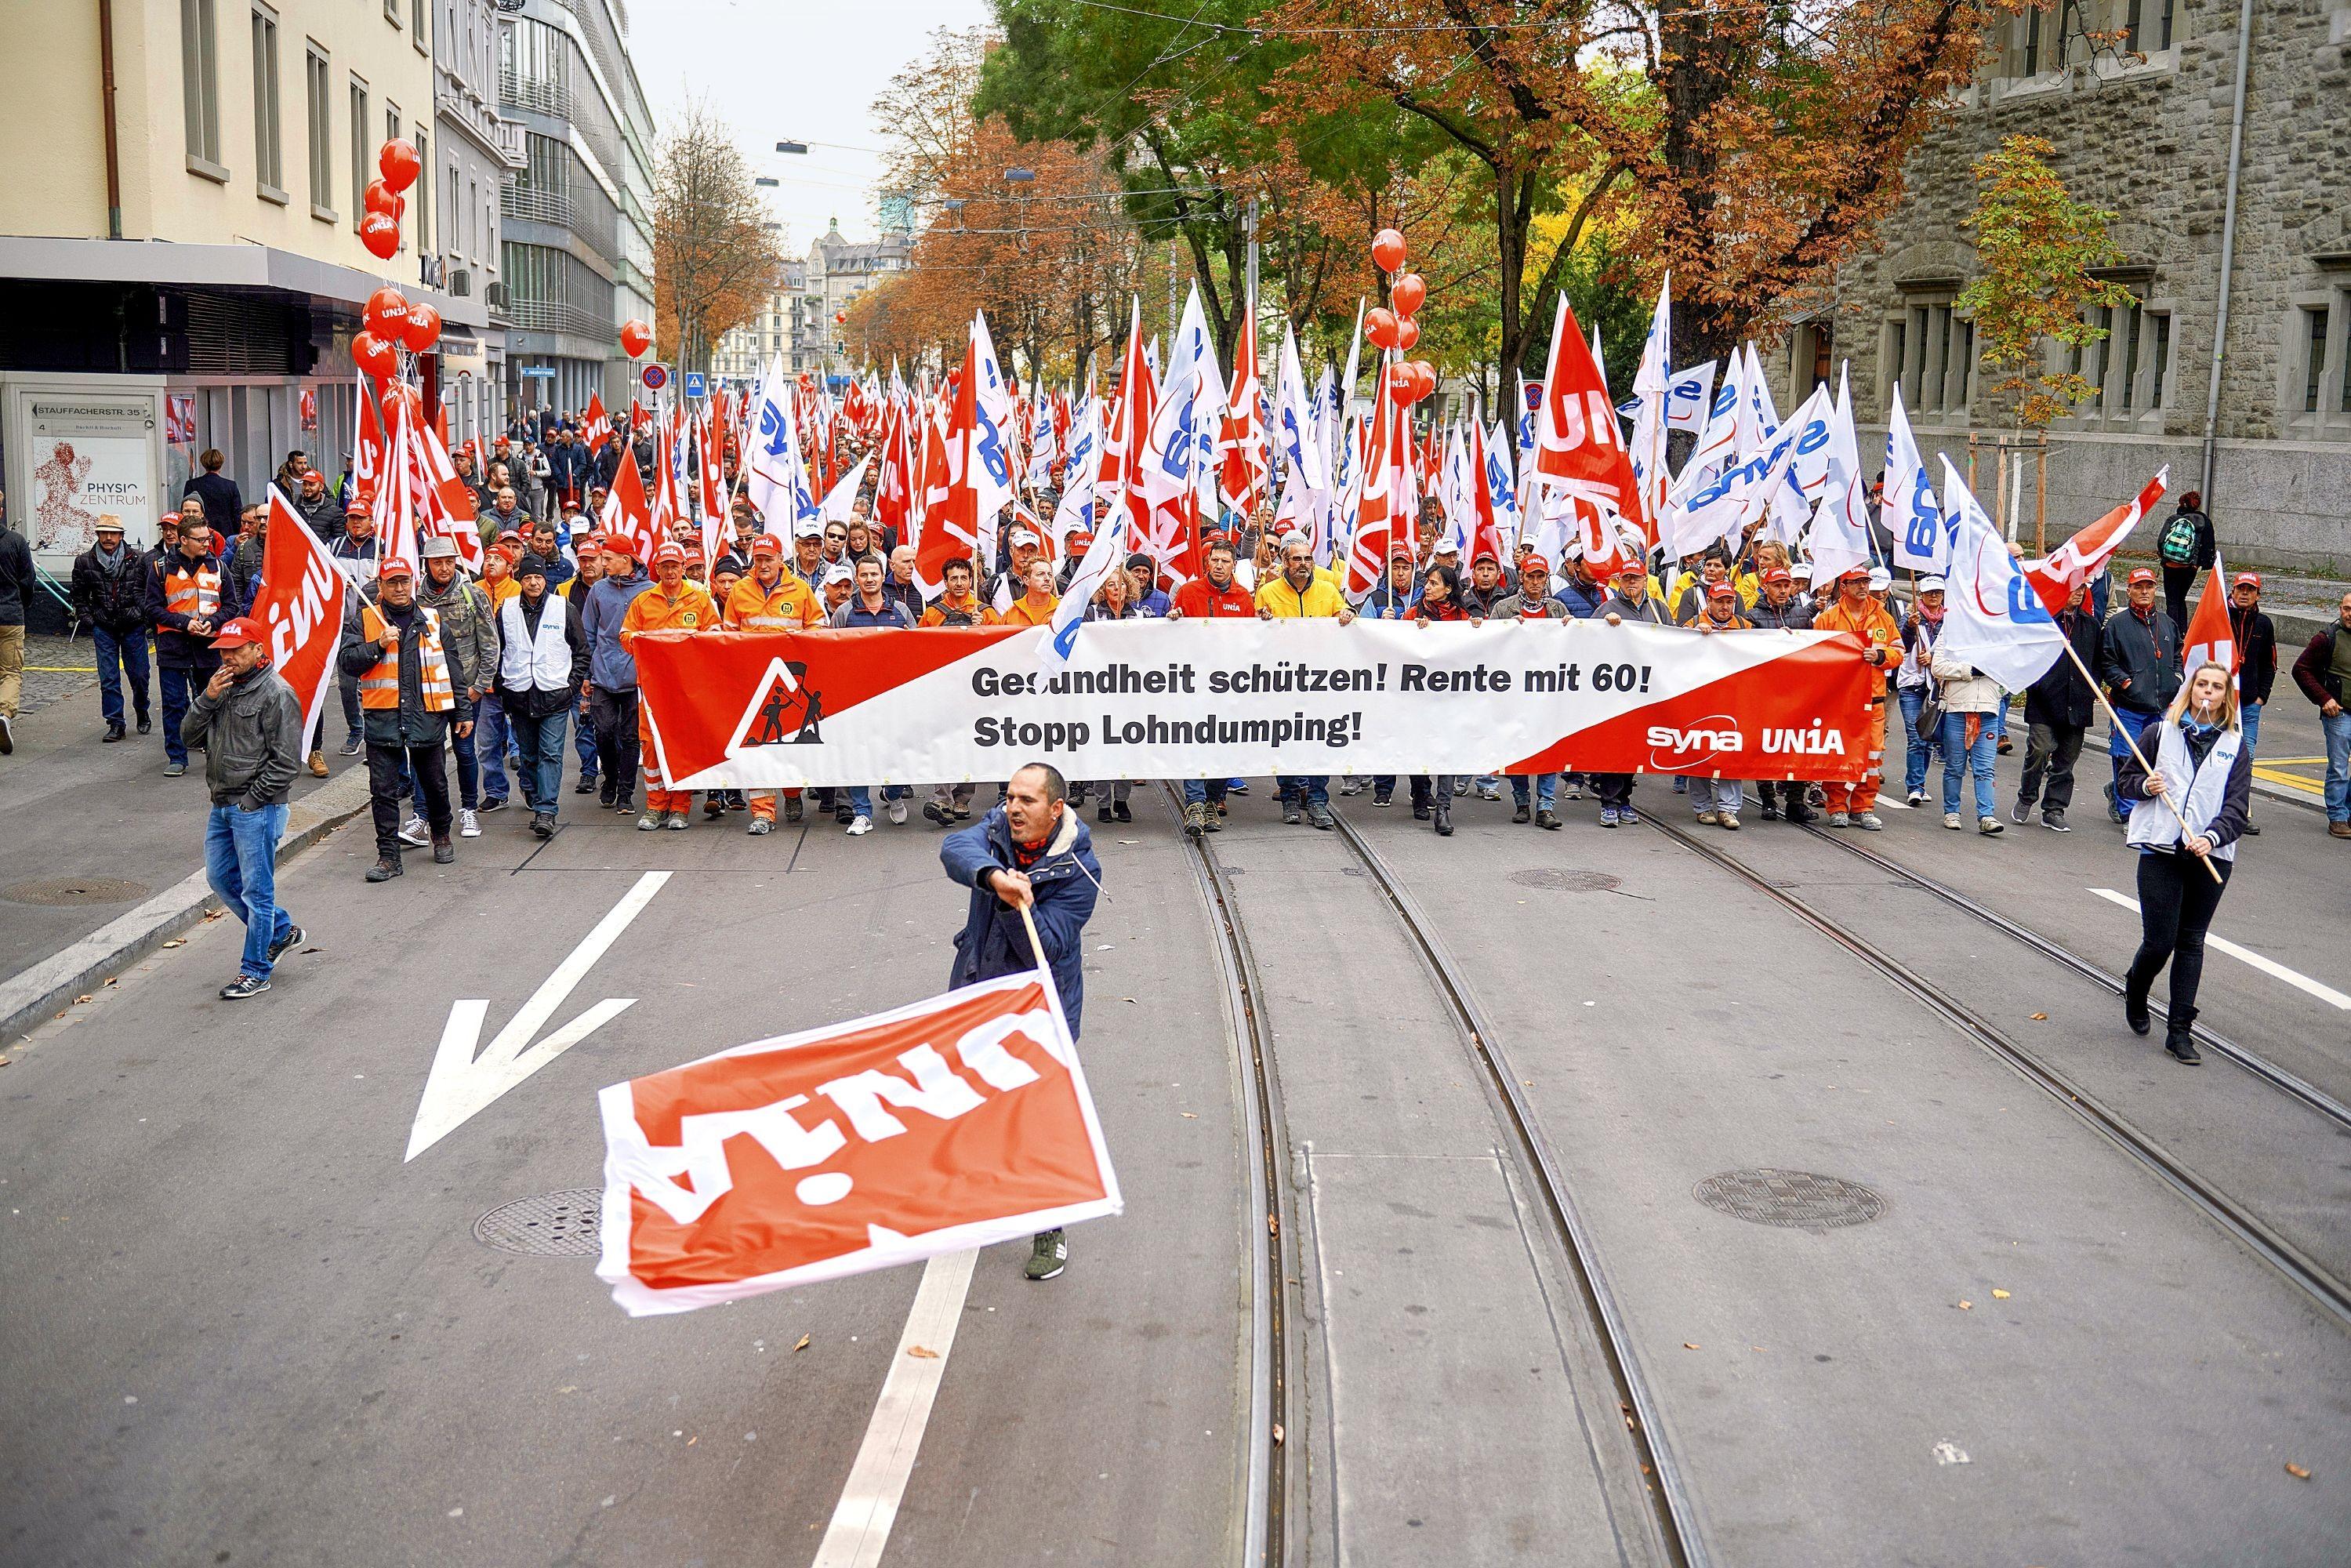 Unia-Demonstration in Zürich